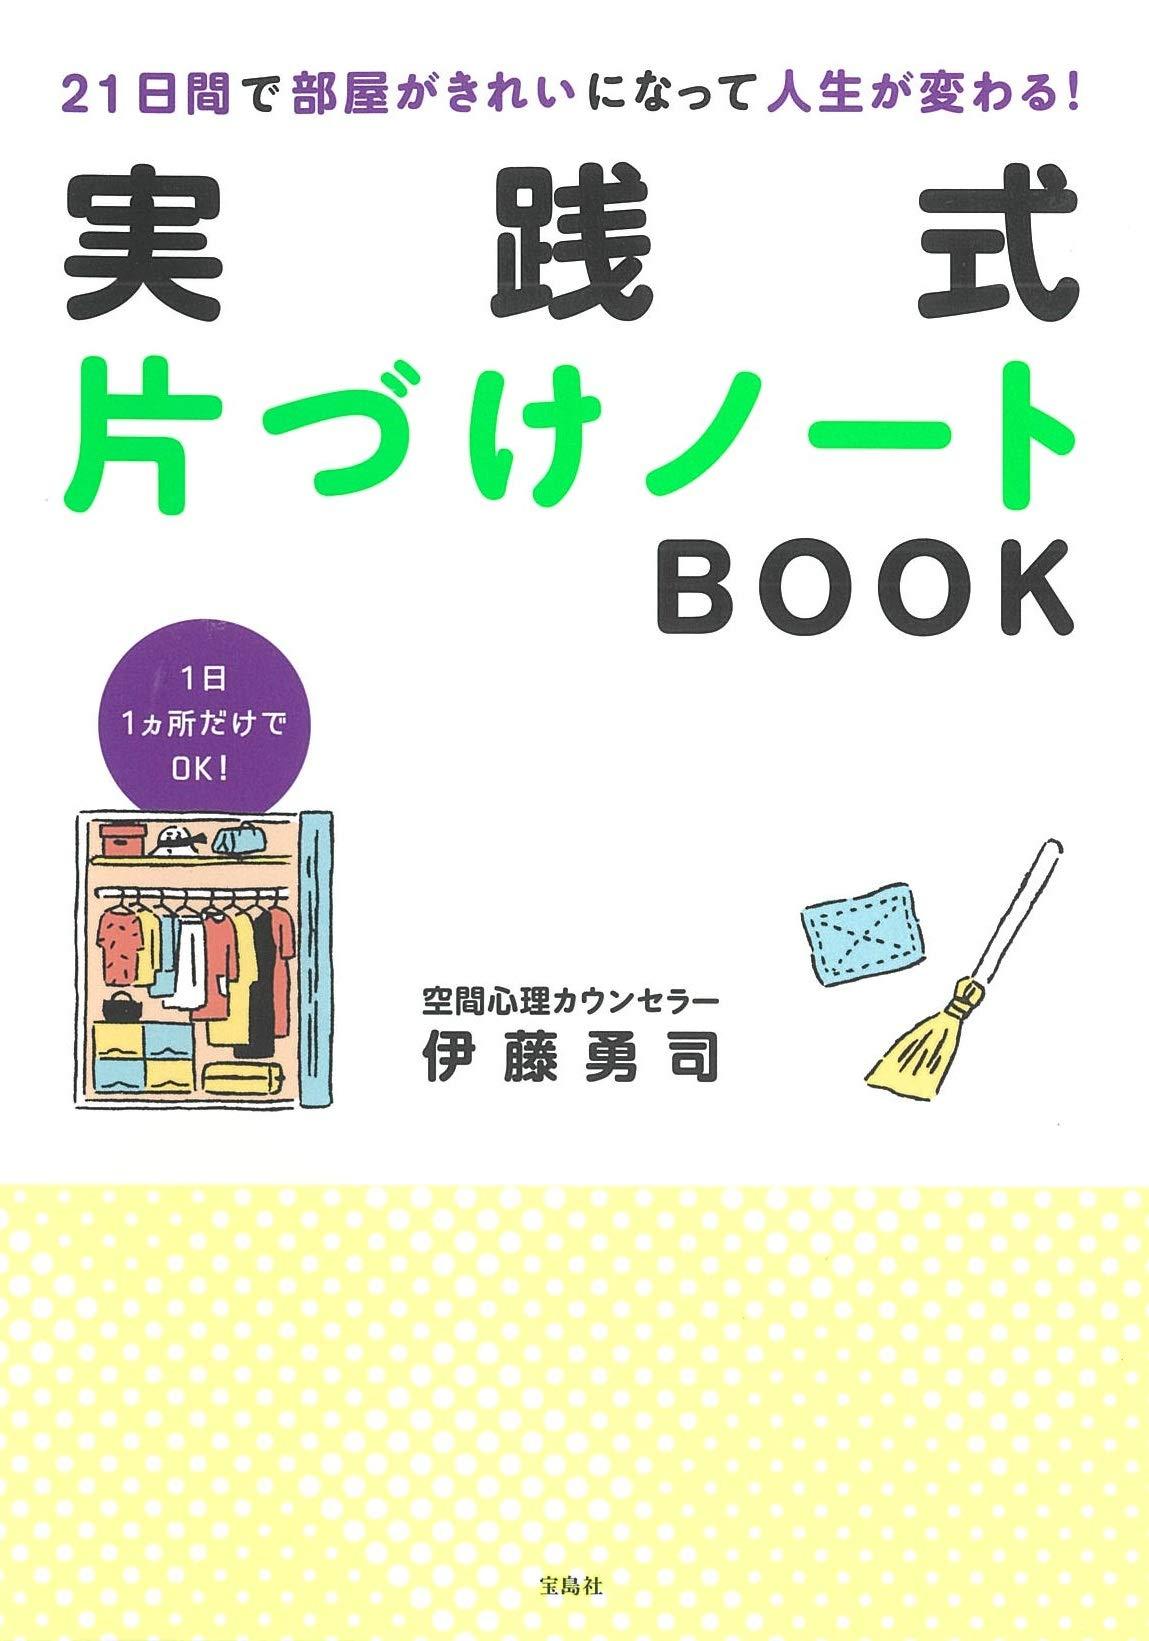 21日間で部屋がきれいになって人生が変わる! 実践式片づけノートBOOK